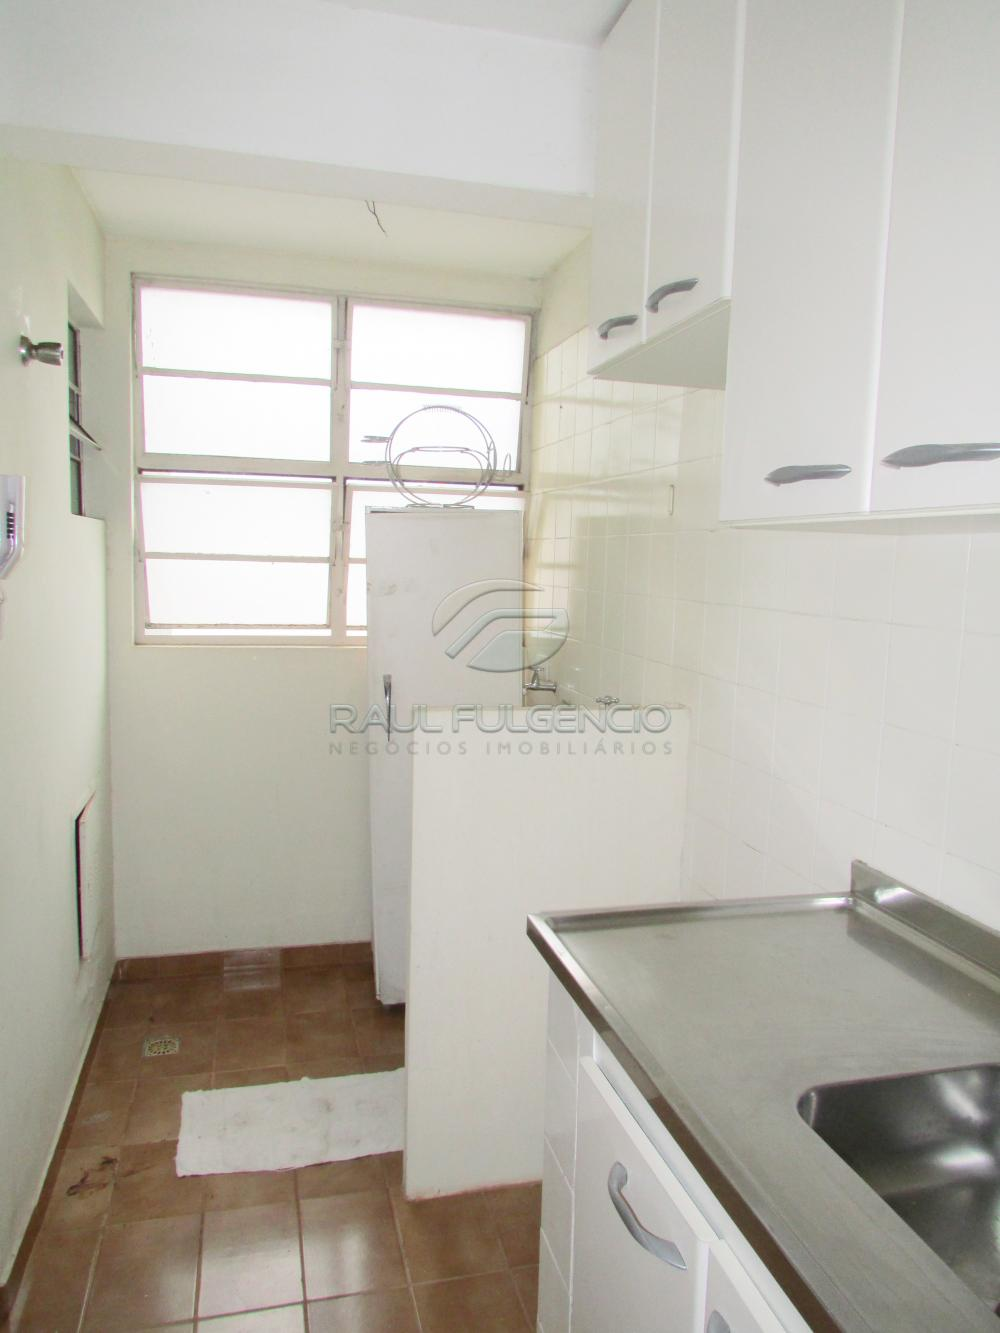 Comprar Apartamento / Padrão em Londrina apenas R$ 149.000,00 - Foto 5